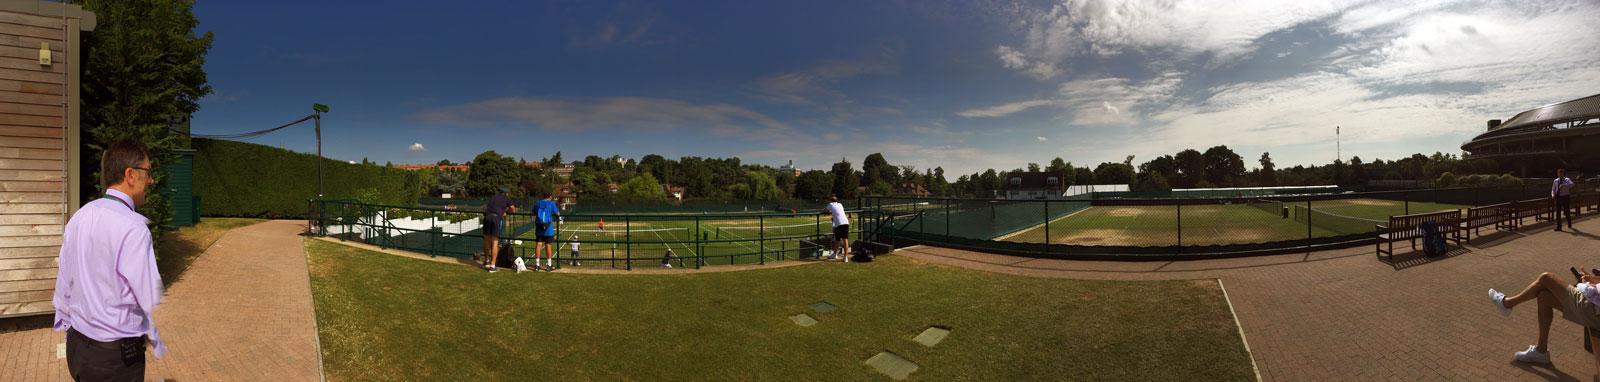 wimbledon-practicing-courts-panorama